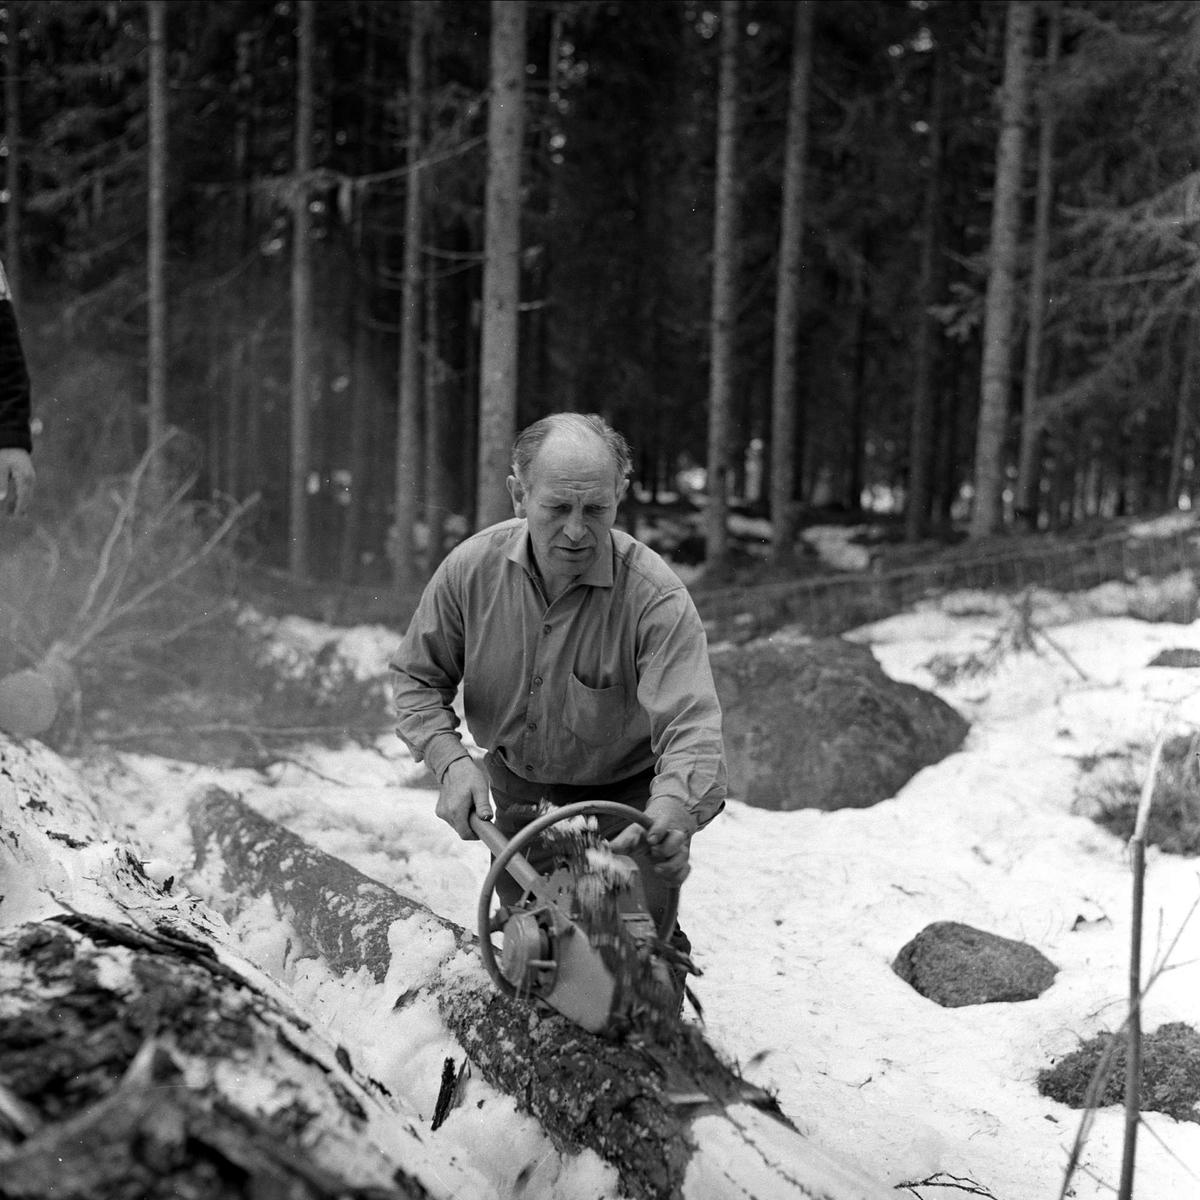 Menn arbeider med motorbarkespade i skog, april 1963.